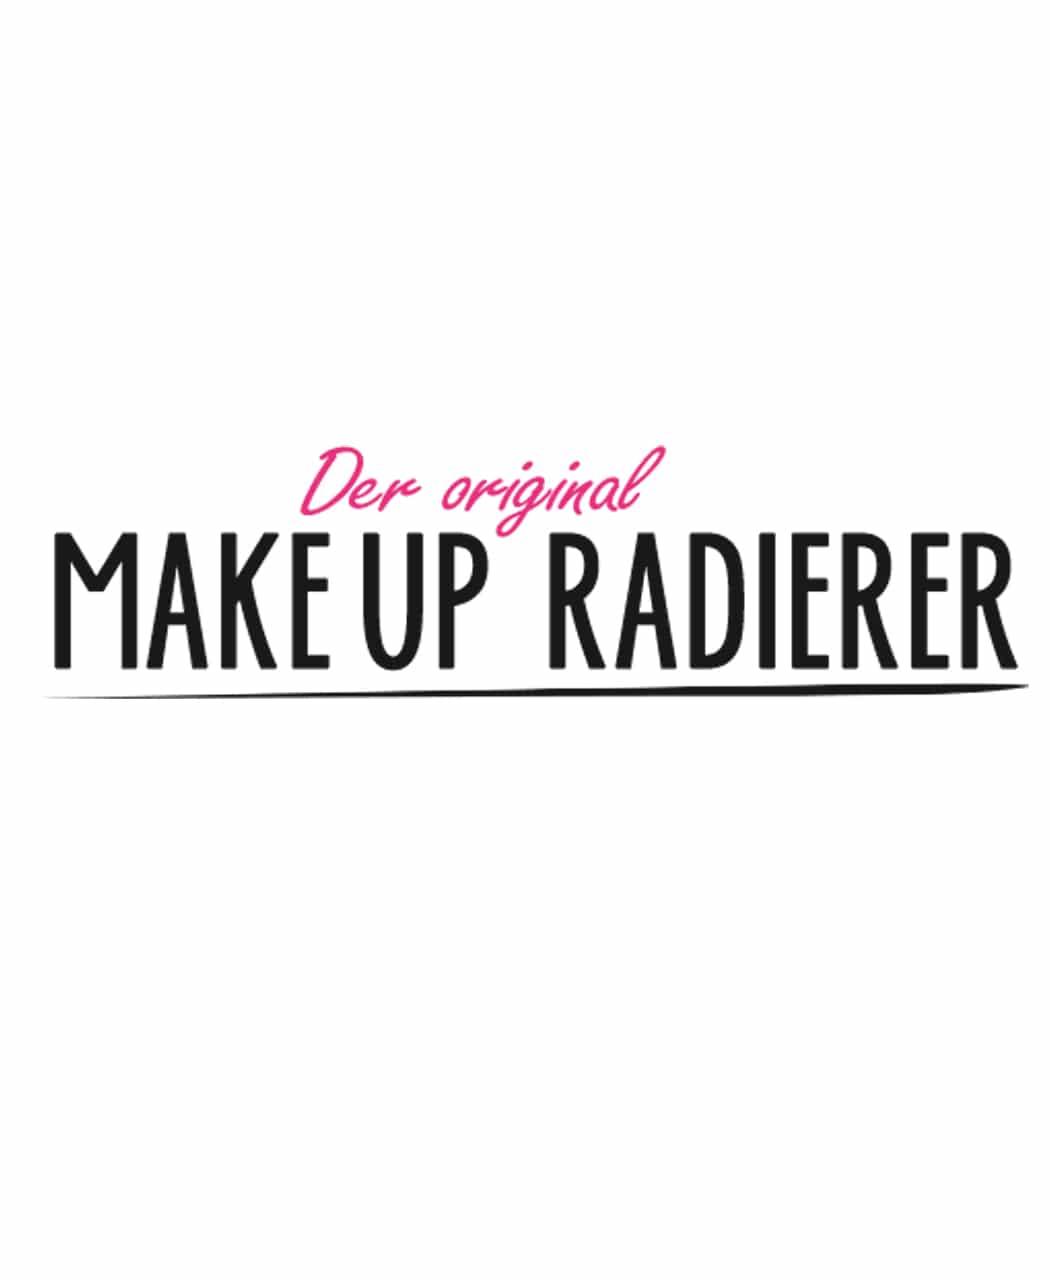 Makeup-Radierer